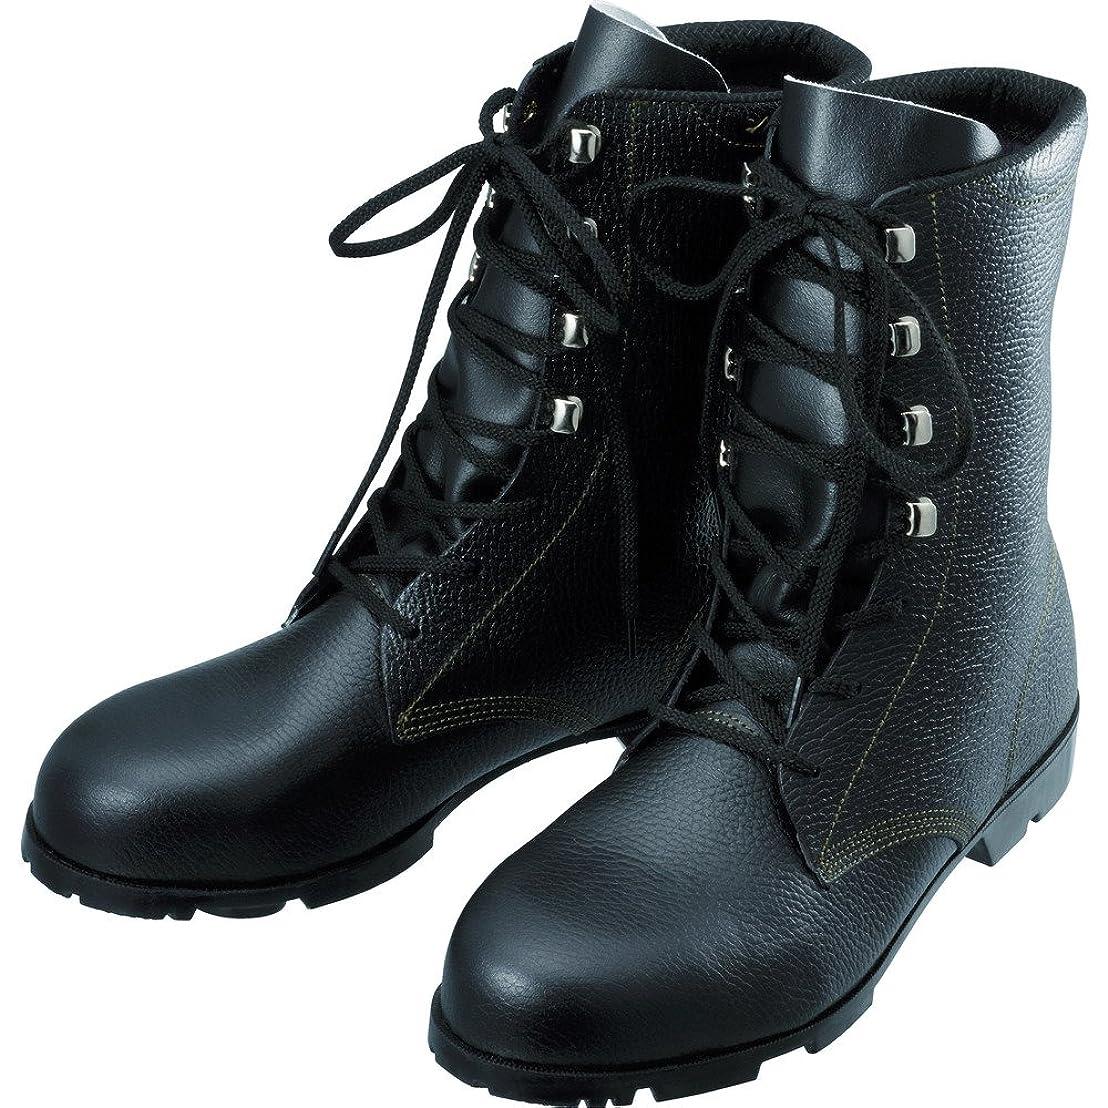 変成器バスケットボールアラバマ[シモン] 安全靴 長編上靴 AS23 26.5cm AS23265